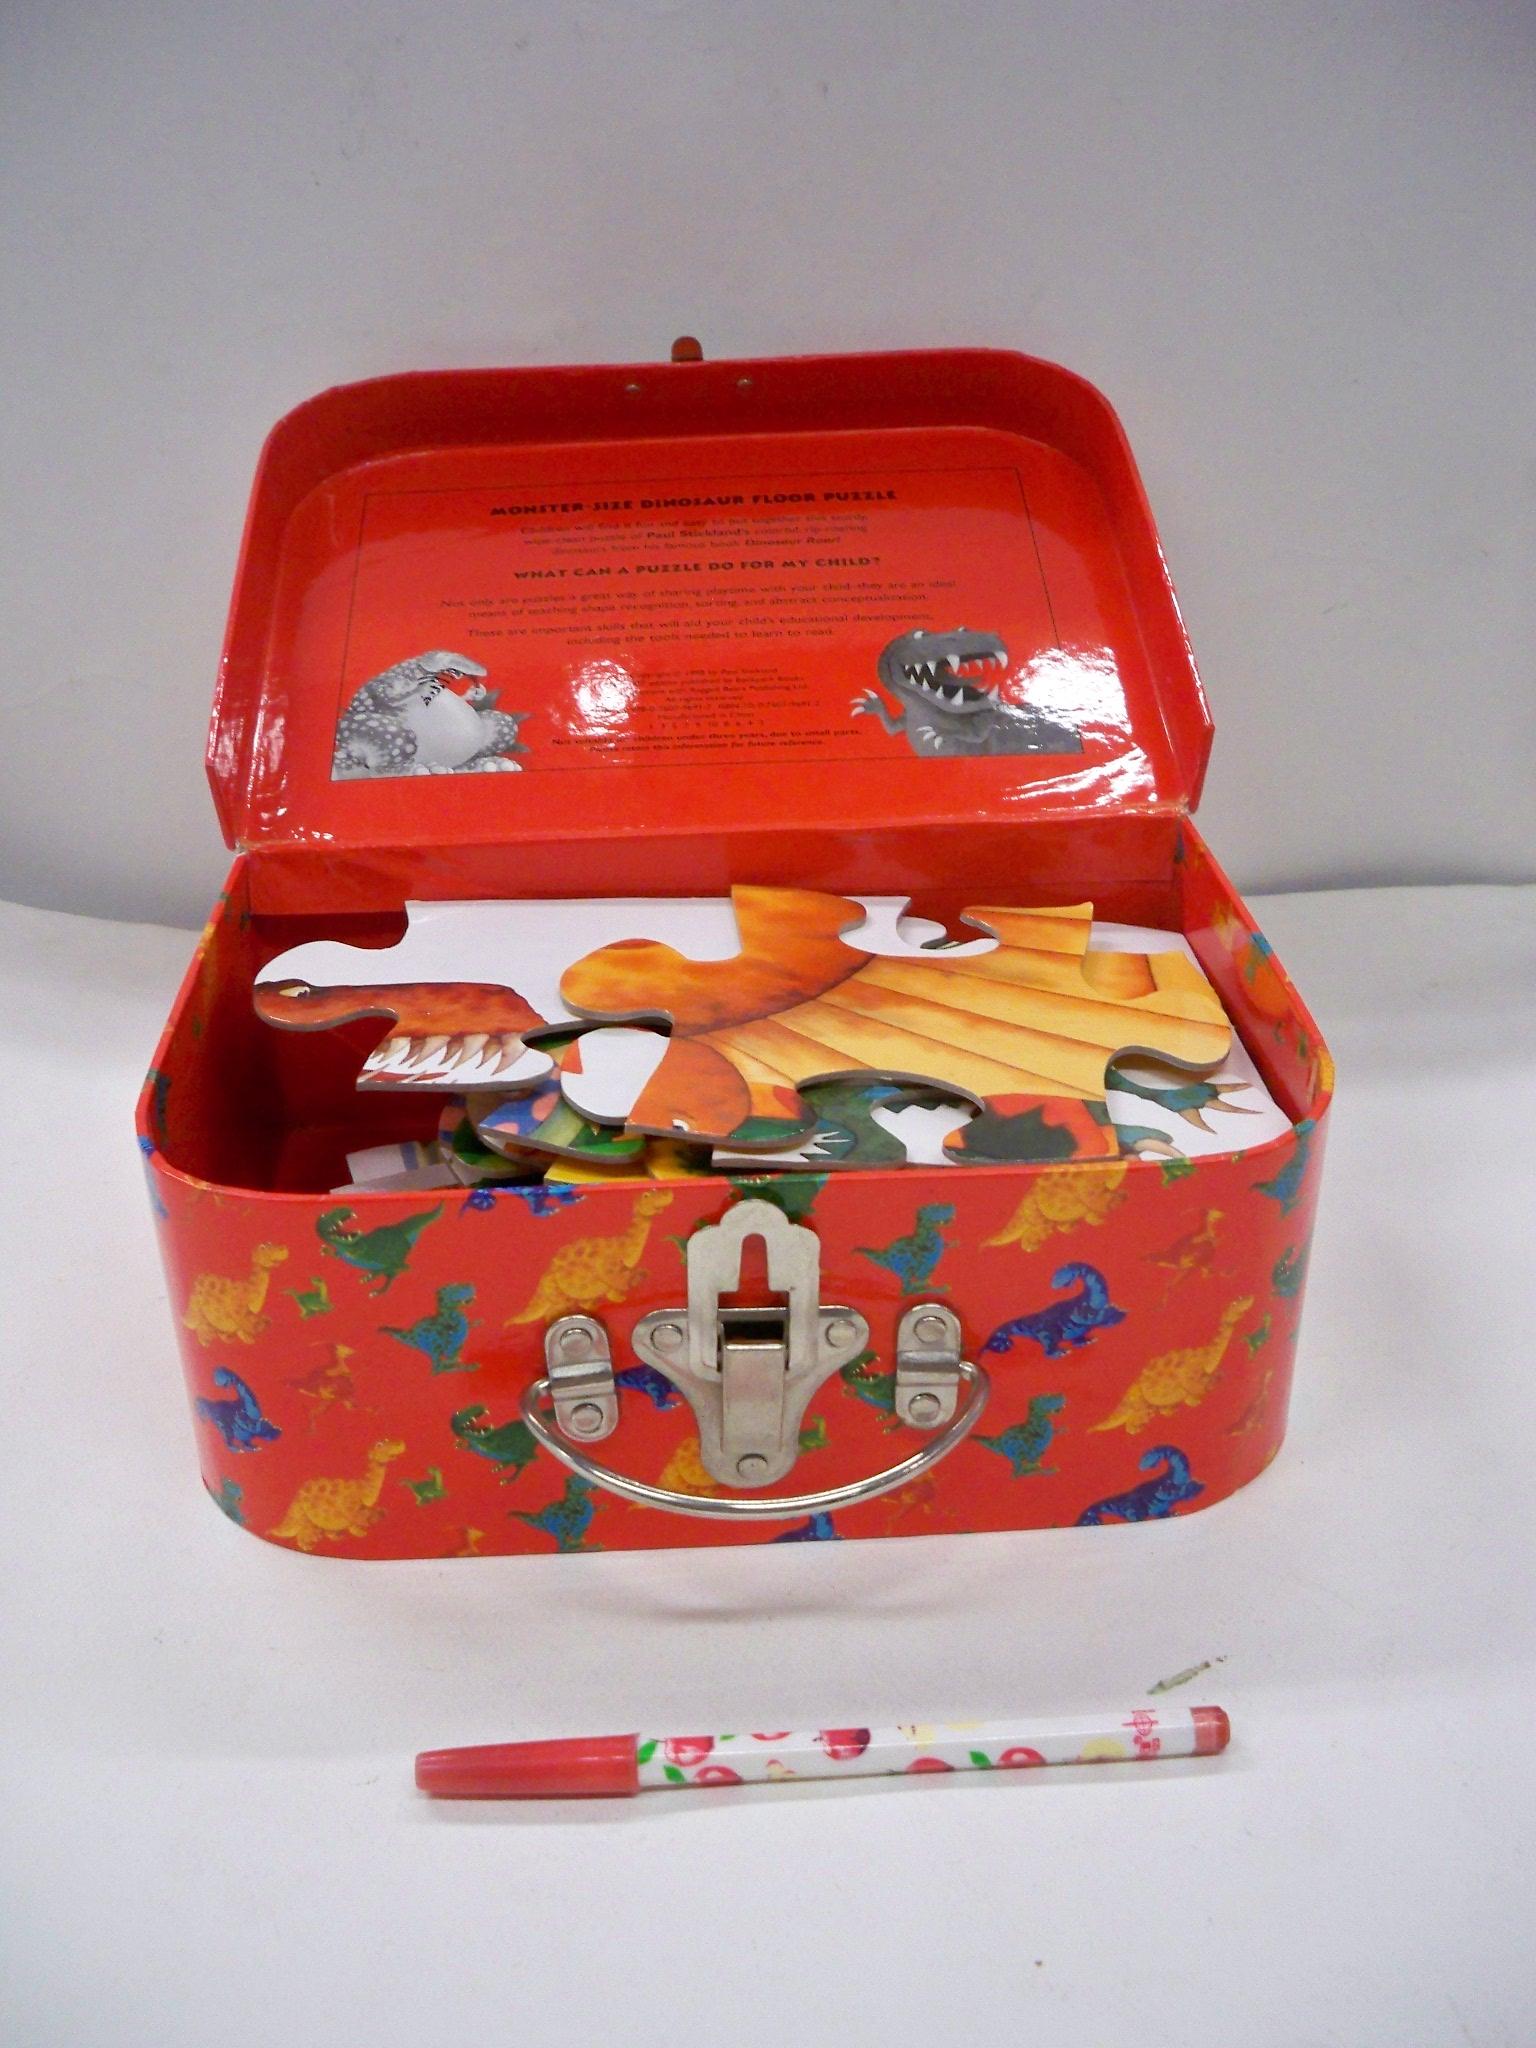 จิกซอไดโนเสาร์ในกล่องแดง